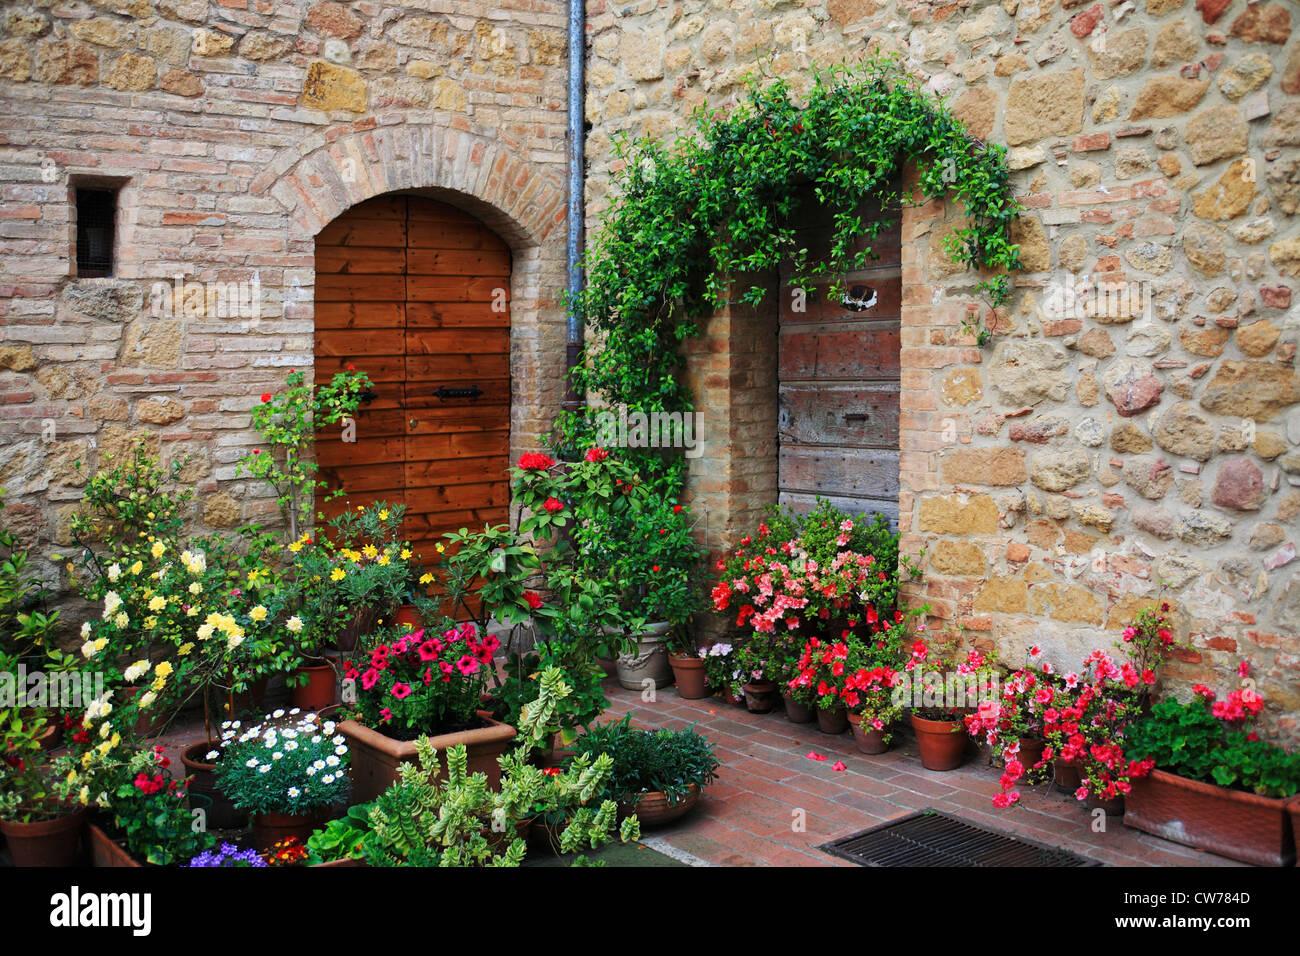 Atrium Of Old Italian Stone House Italy Tuscany Val D